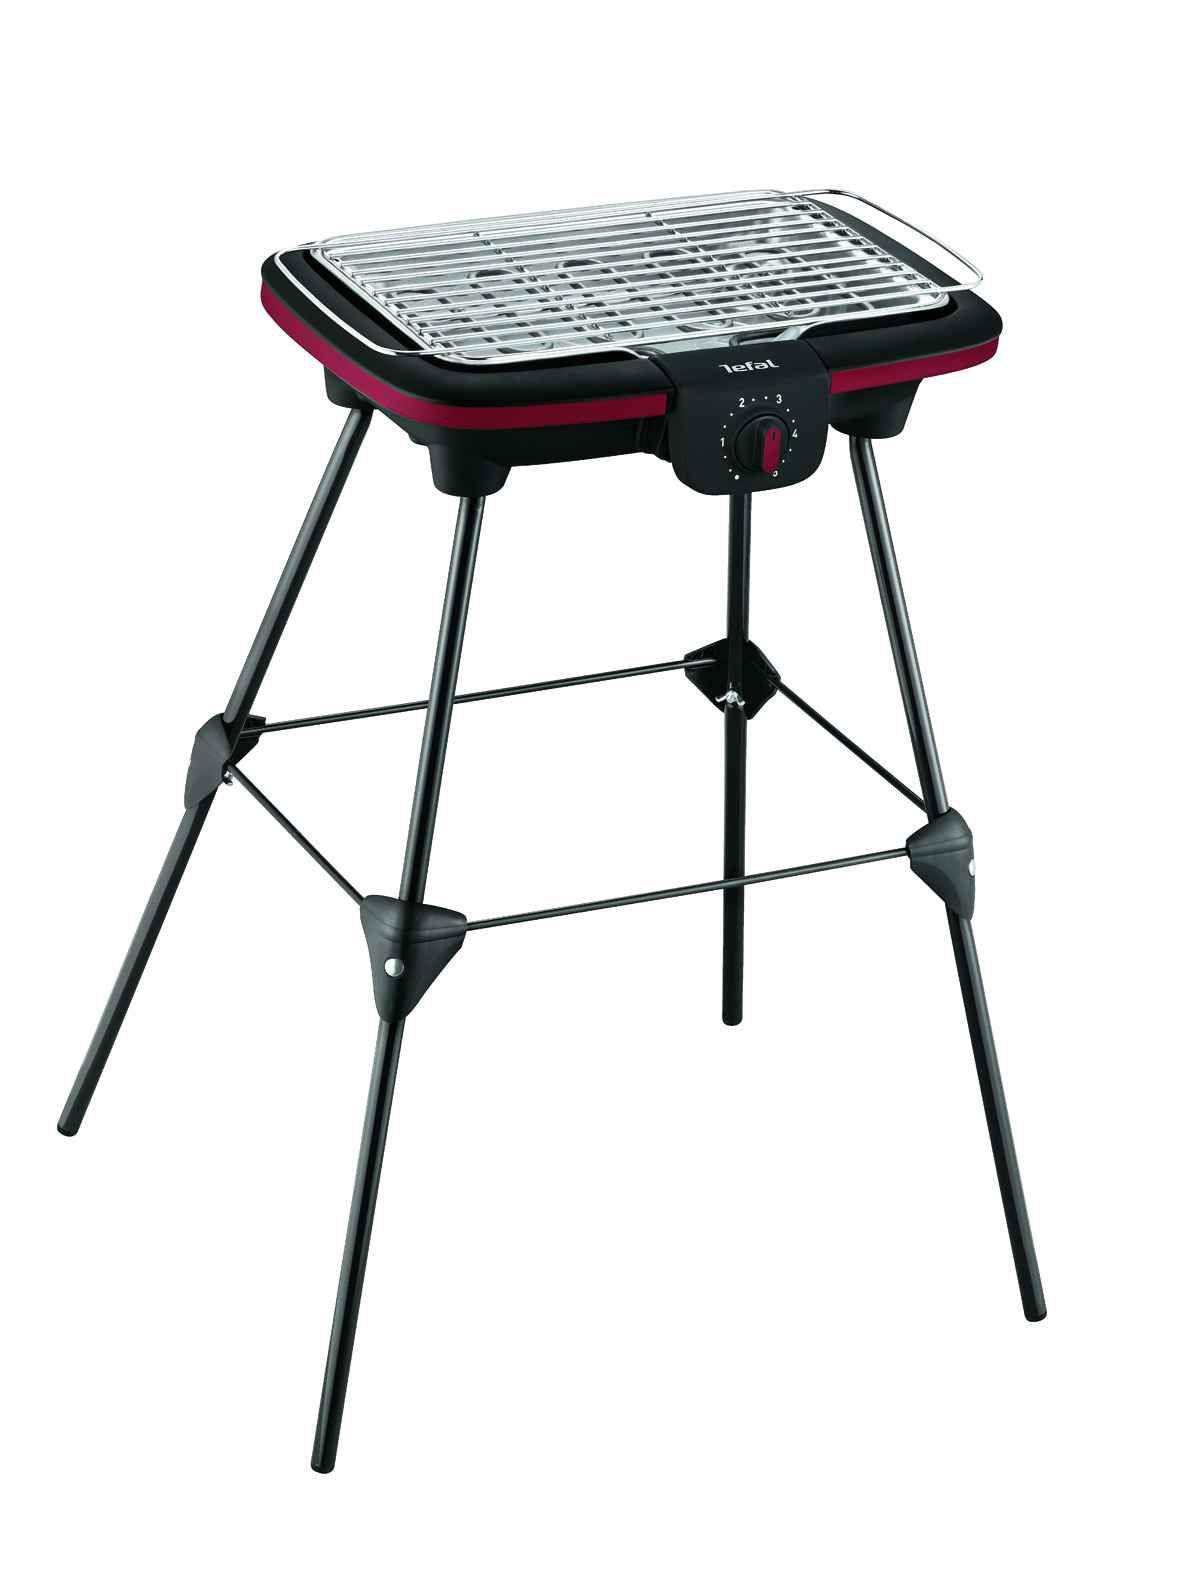 tefal bg902o12 barbecue lectrique easy grill adjust sur. Black Bedroom Furniture Sets. Home Design Ideas